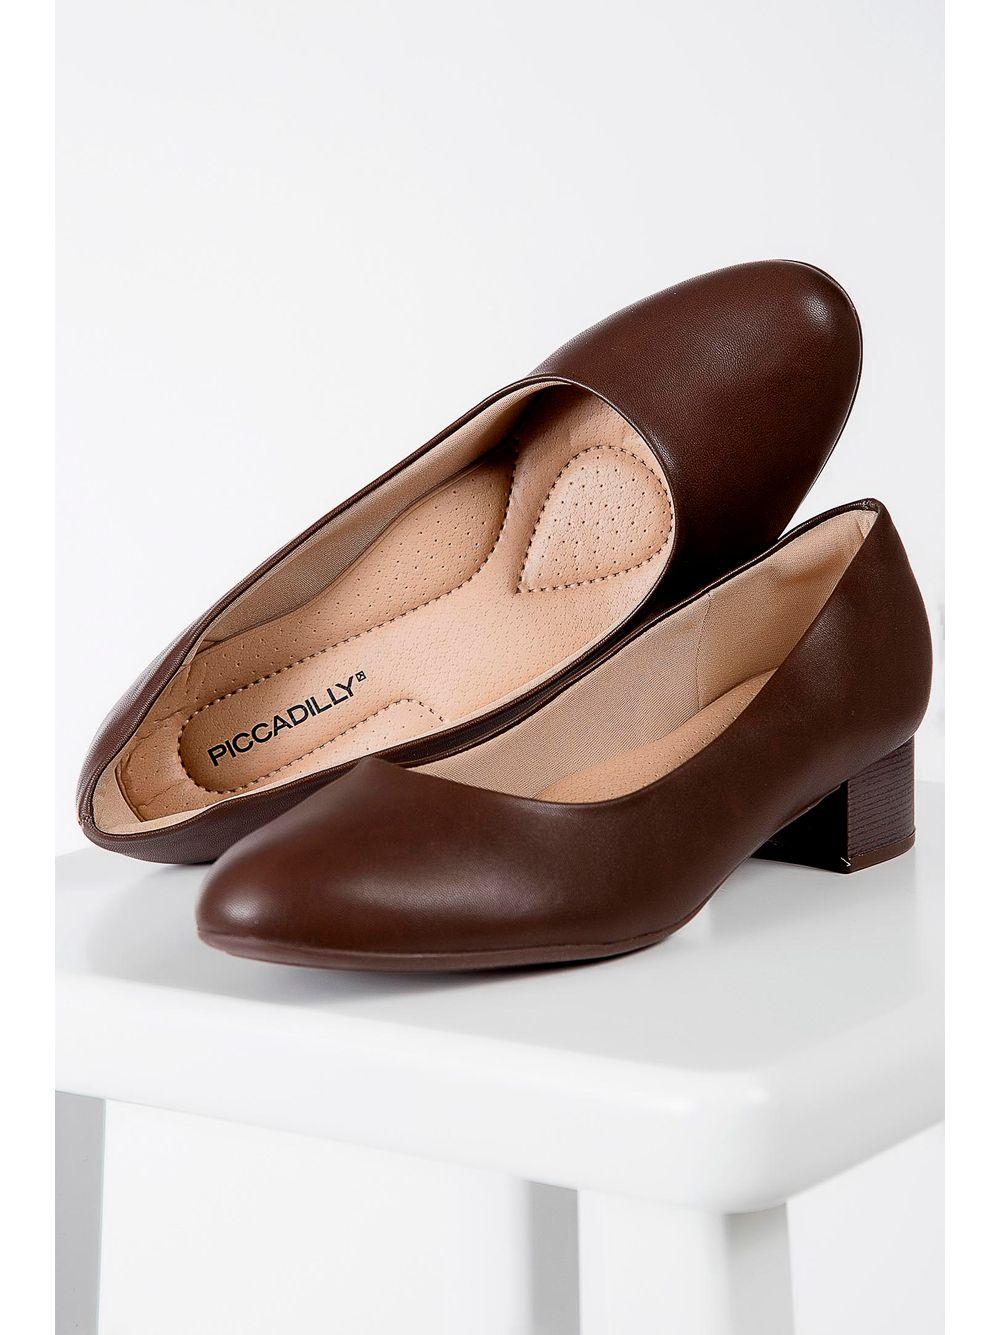 ea15fc9d22 Sapato Piccadilly Salto Baixo Marrom - pittol